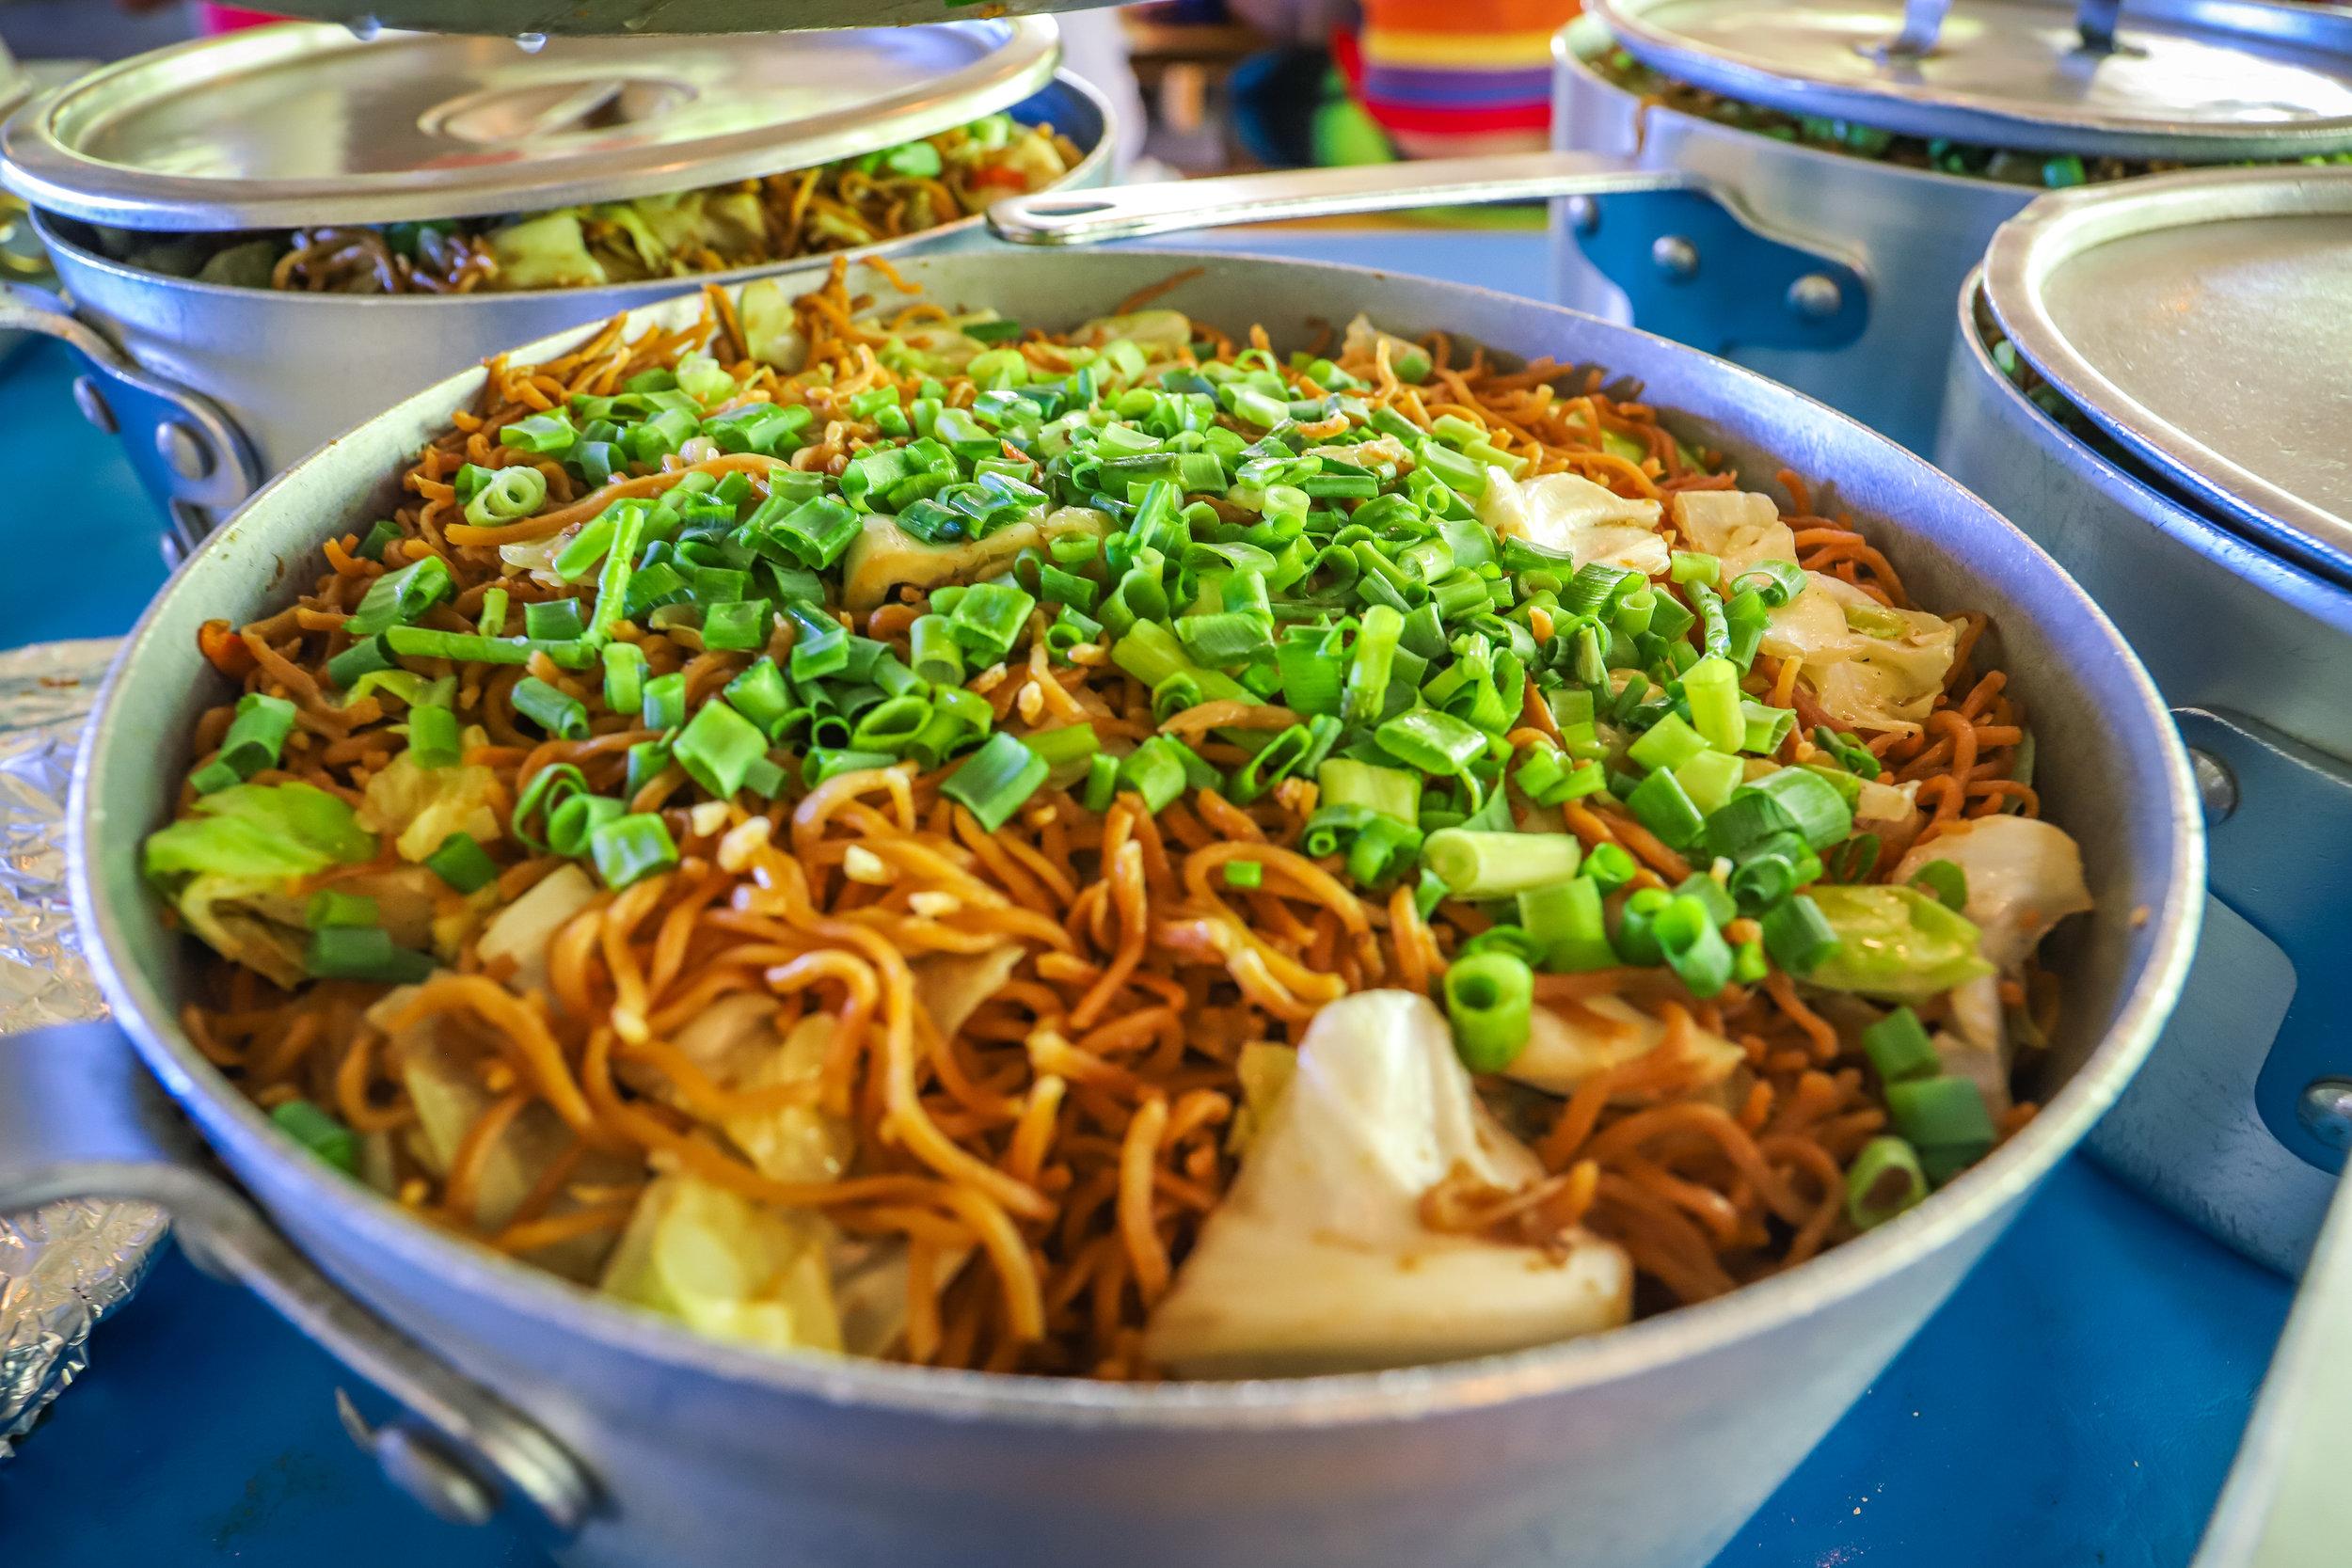 Trilogy's Famous Stir Fry Hawker Noodles